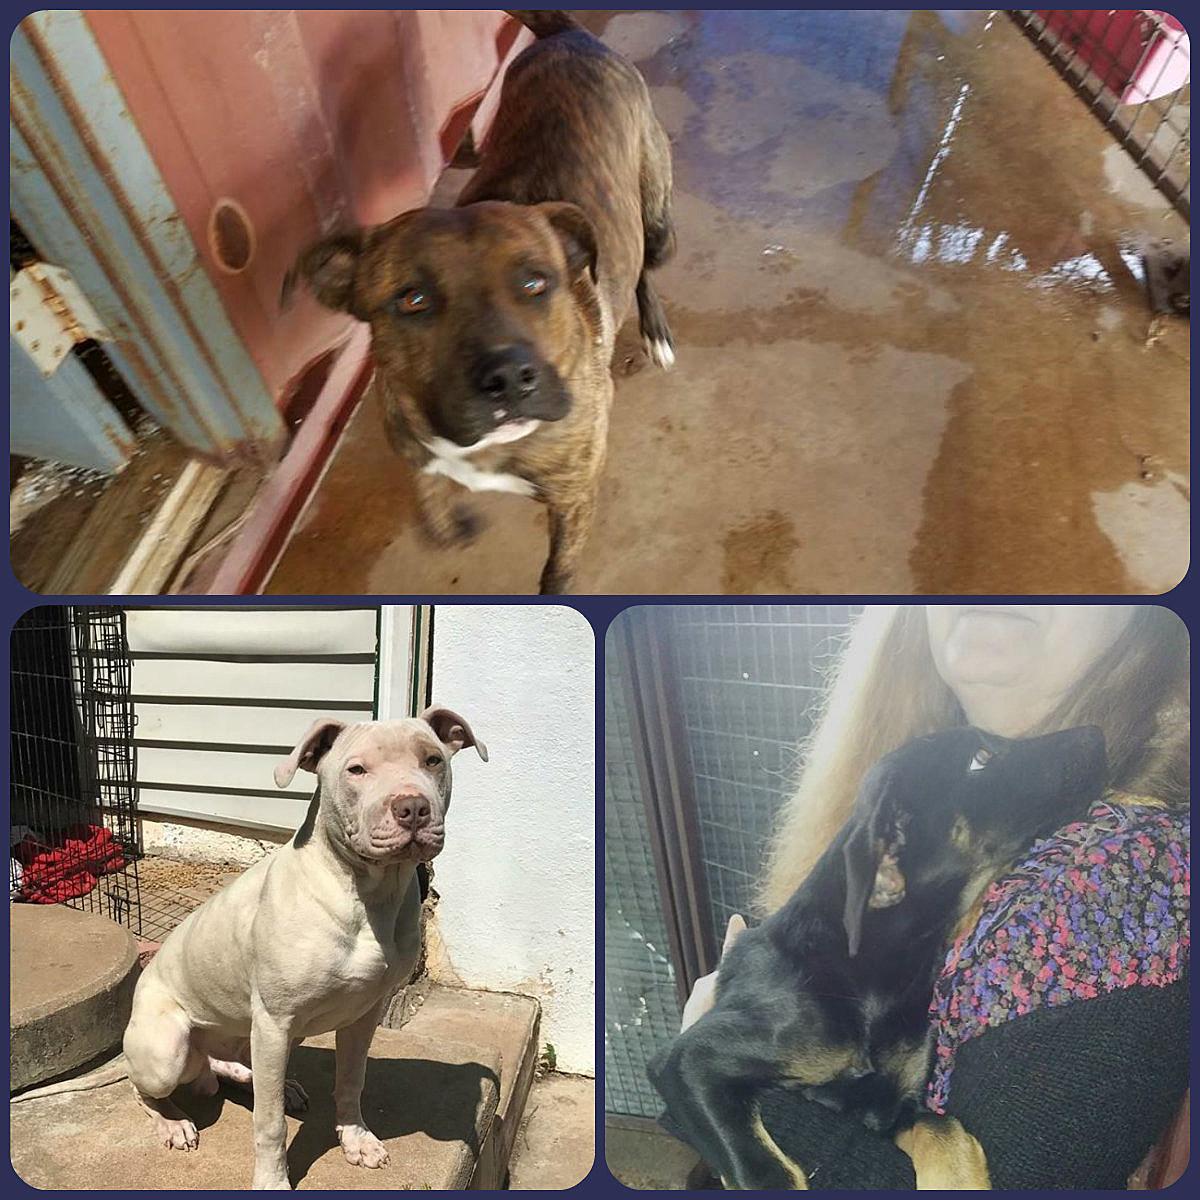 photos courtesy of Carnegie Animal Shelter